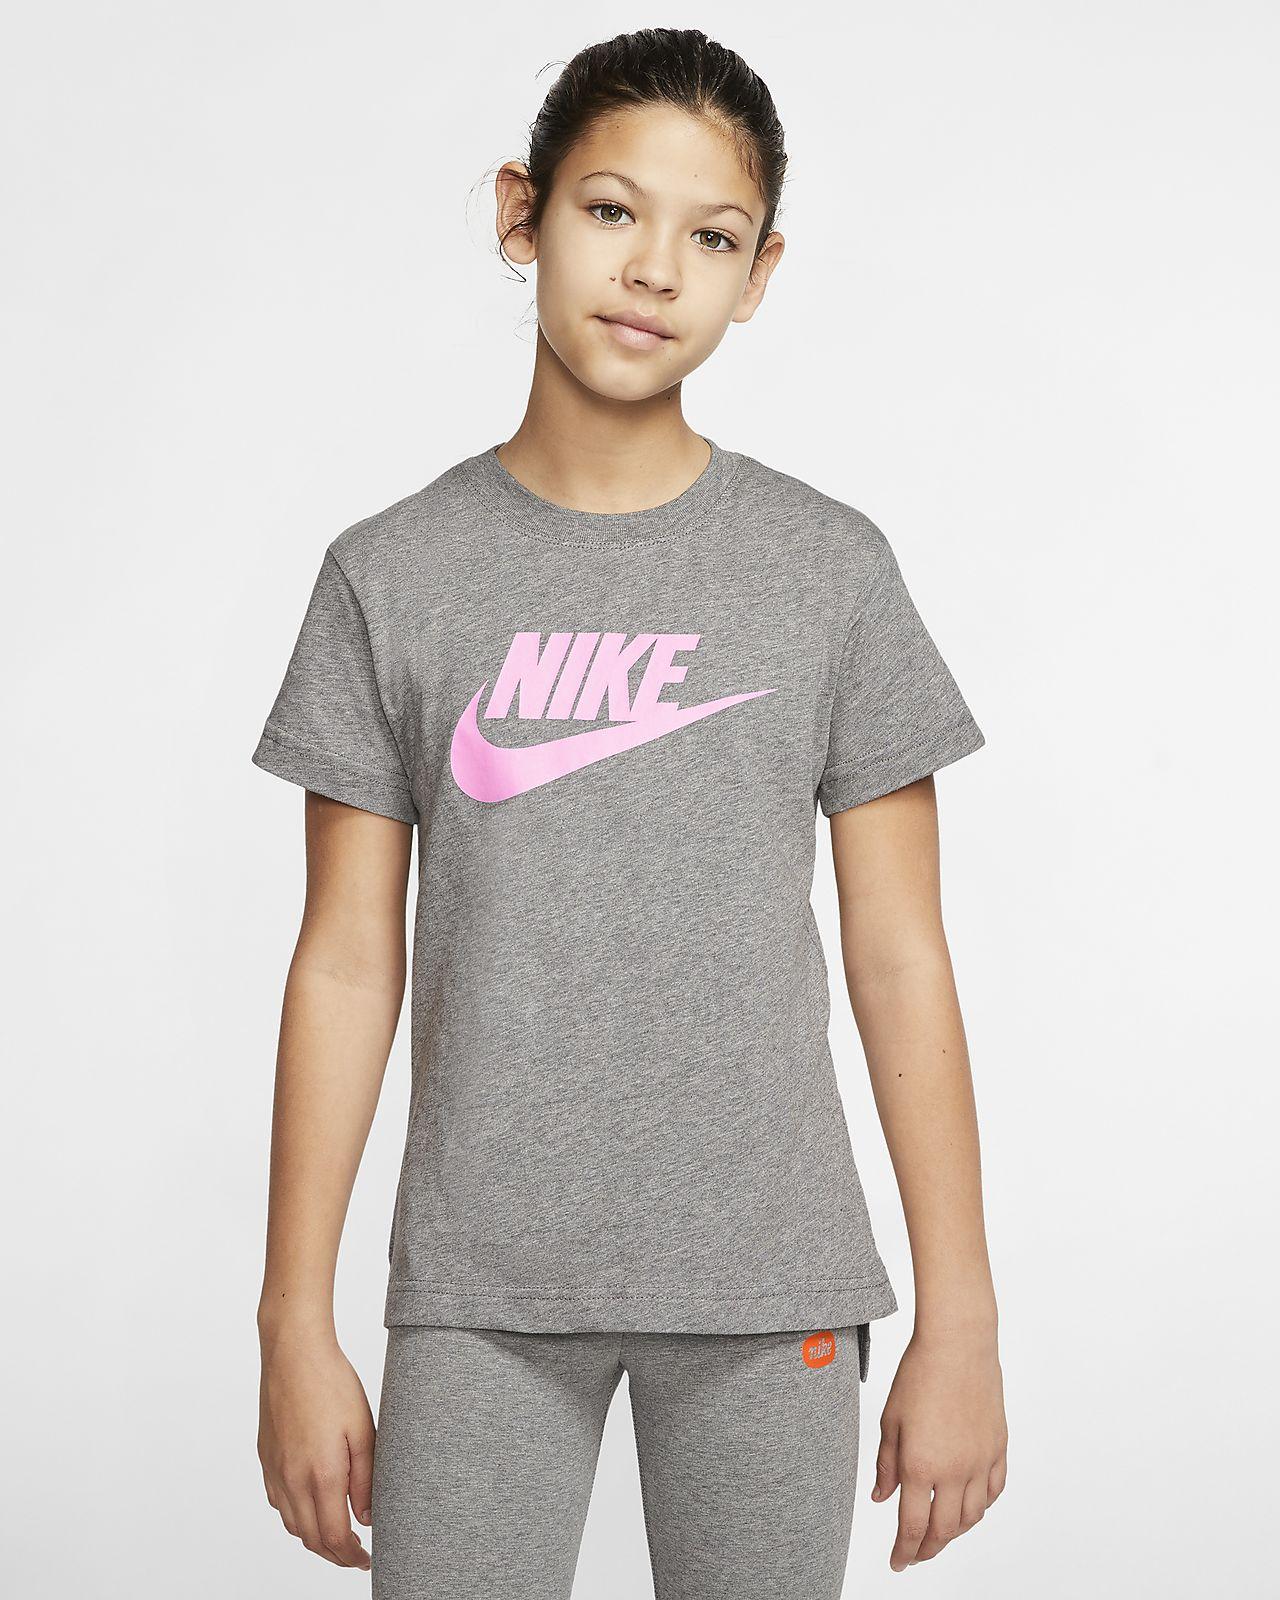 Nike Sportswear Camiseta - Niño/a